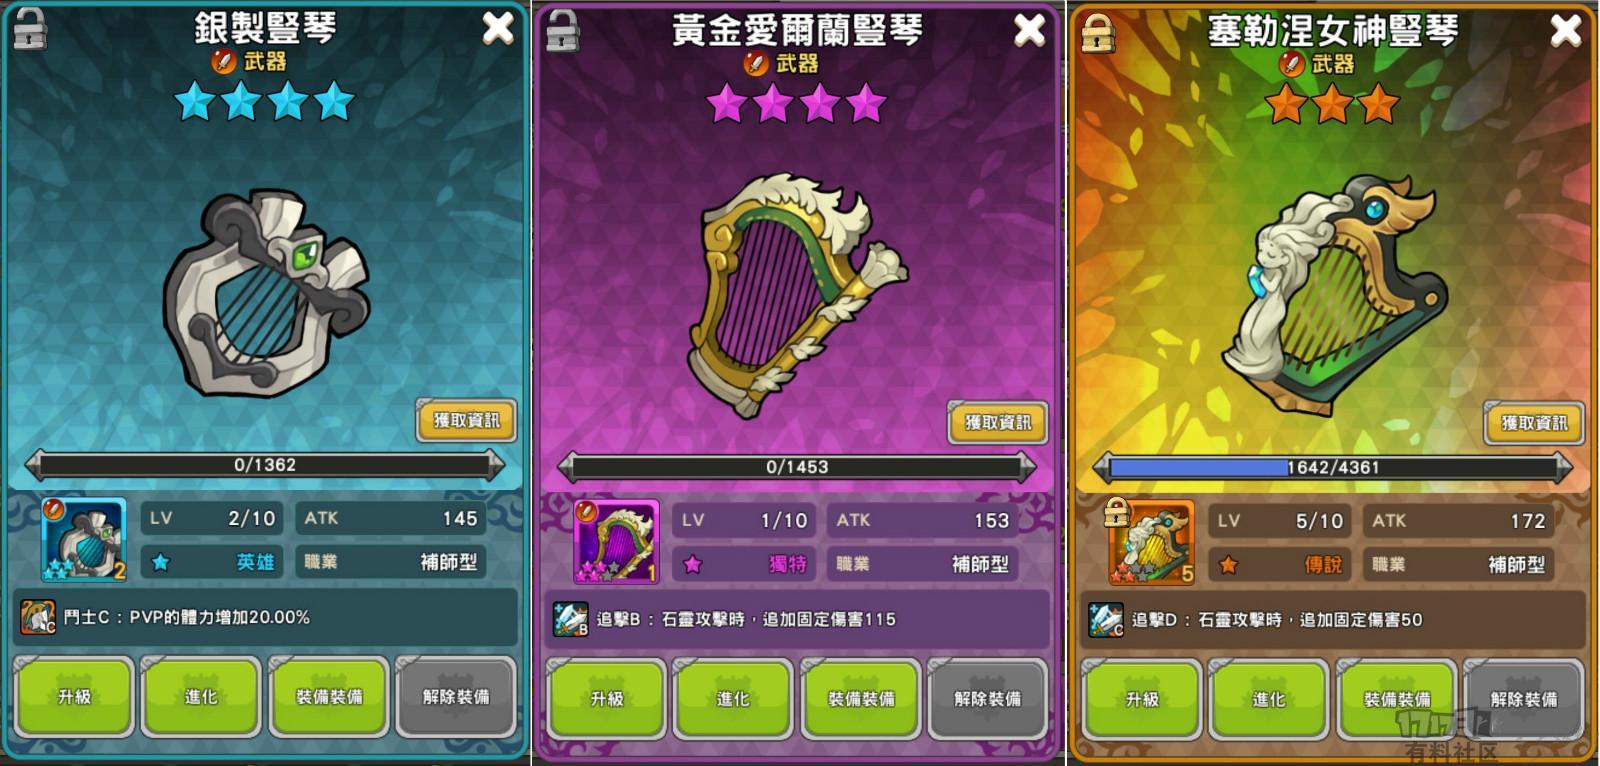 藍武器_meitu_46.jpg